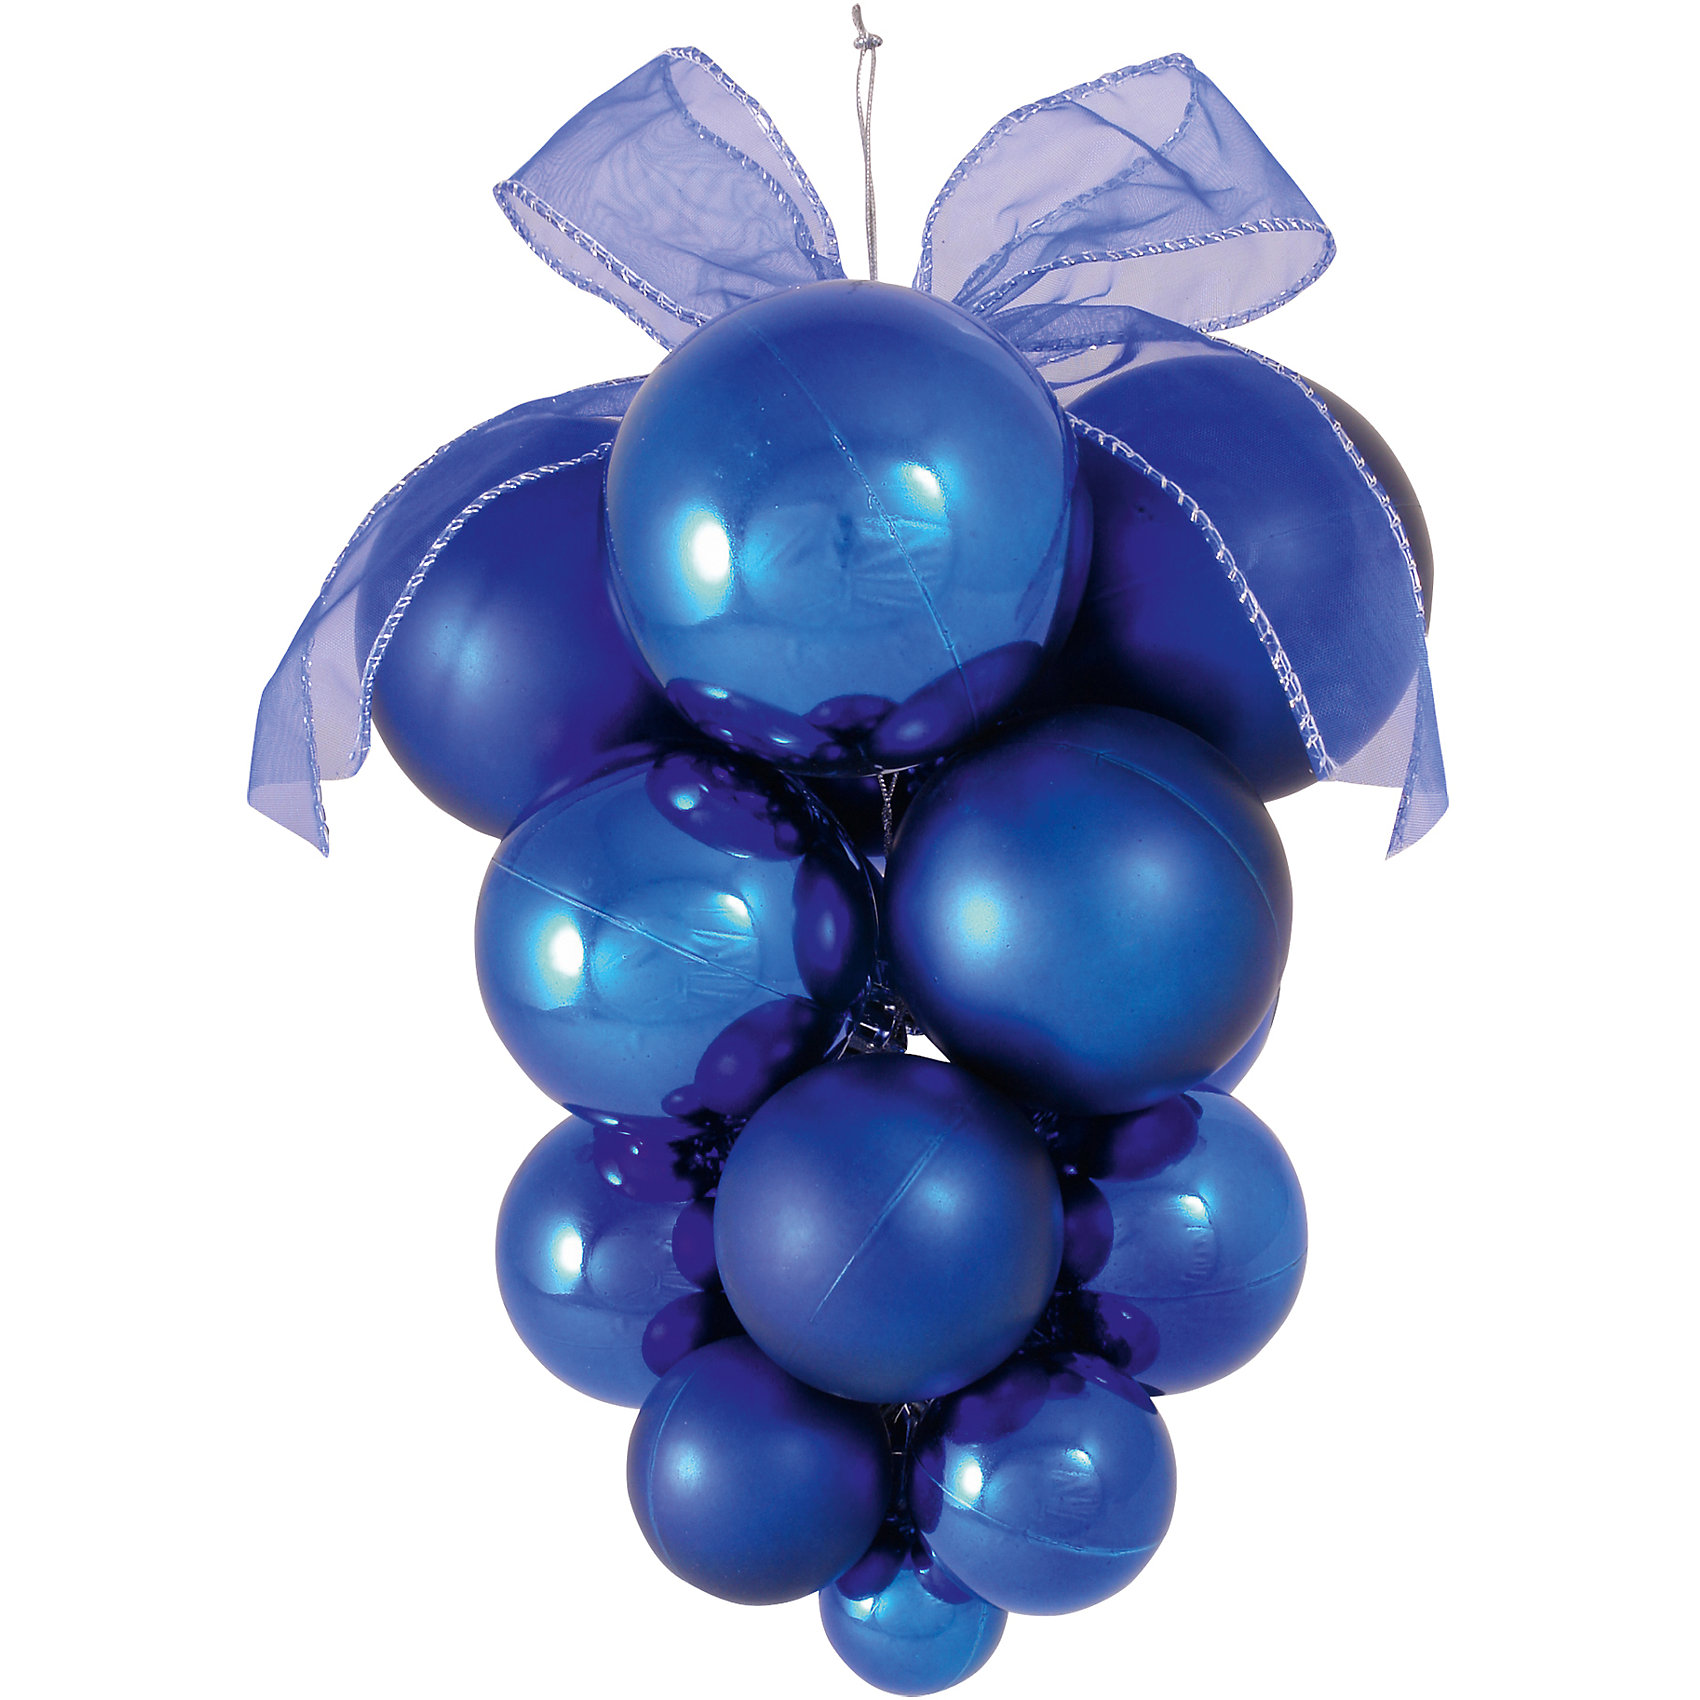 Синее украшение ГроздьСинее украшение Гроздь, Волшебная страна, замечательно украсит Ваш новогодний интерьер или елку и поможет создать праздничную радостную атмосферу. Украшение выполнено в виде красивой виноградной грозди из синих шариков, оно будет чудесно смотреться на елке и радовать детей и взрослых.<br><br>Дополнительная информация:<br><br>- Цвет: синий.<br>- Материал: пластик.<br>- Размер: 24 х 17 х 23 см.<br>- Вес: 168 гр.<br><br>Синее украшение Гроздь, Волшебная страна, можно купить в нашем интернет-магазине.<br><br>Ширина мм: 240<br>Глубина мм: 170<br>Высота мм: 230<br>Вес г: 167<br>Возраст от месяцев: 36<br>Возраст до месяцев: 2147483647<br>Пол: Унисекс<br>Возраст: Детский<br>SKU: 4288637